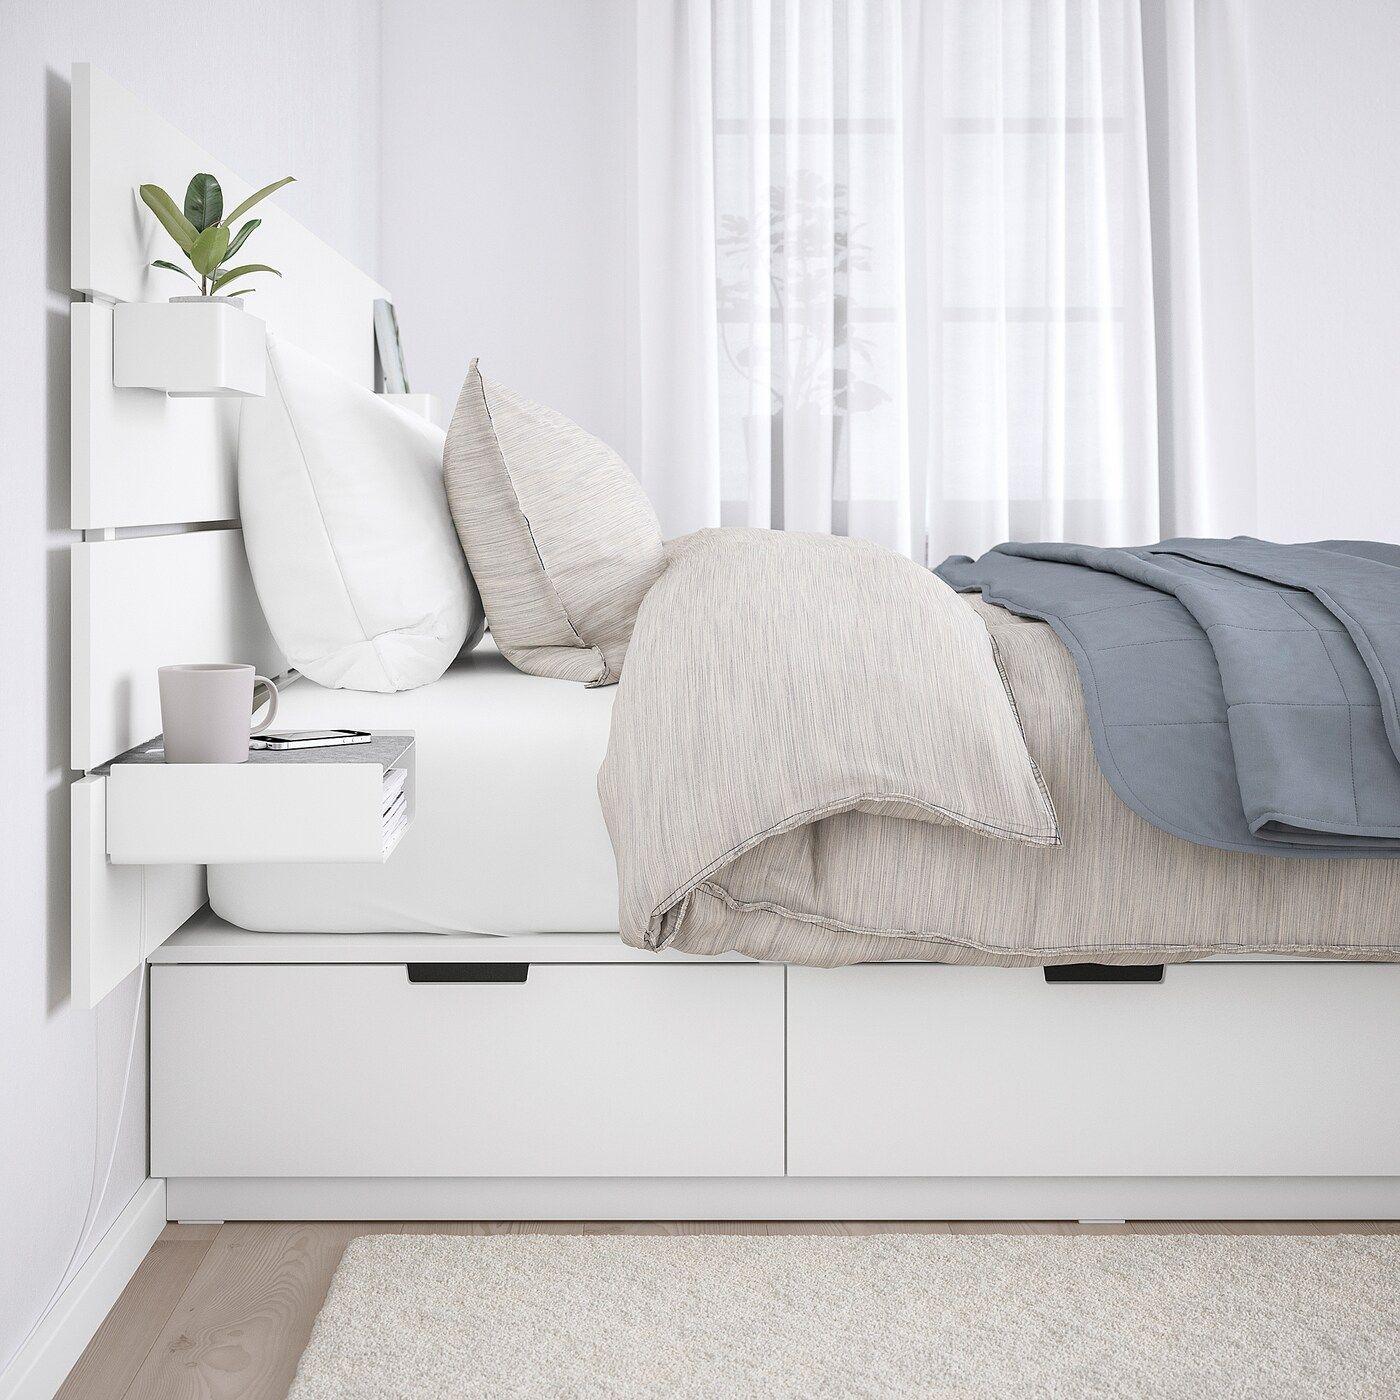 Tete De Lit Ikea Bois ikea - nordli structure lit+rangement/tête de lit blanc en